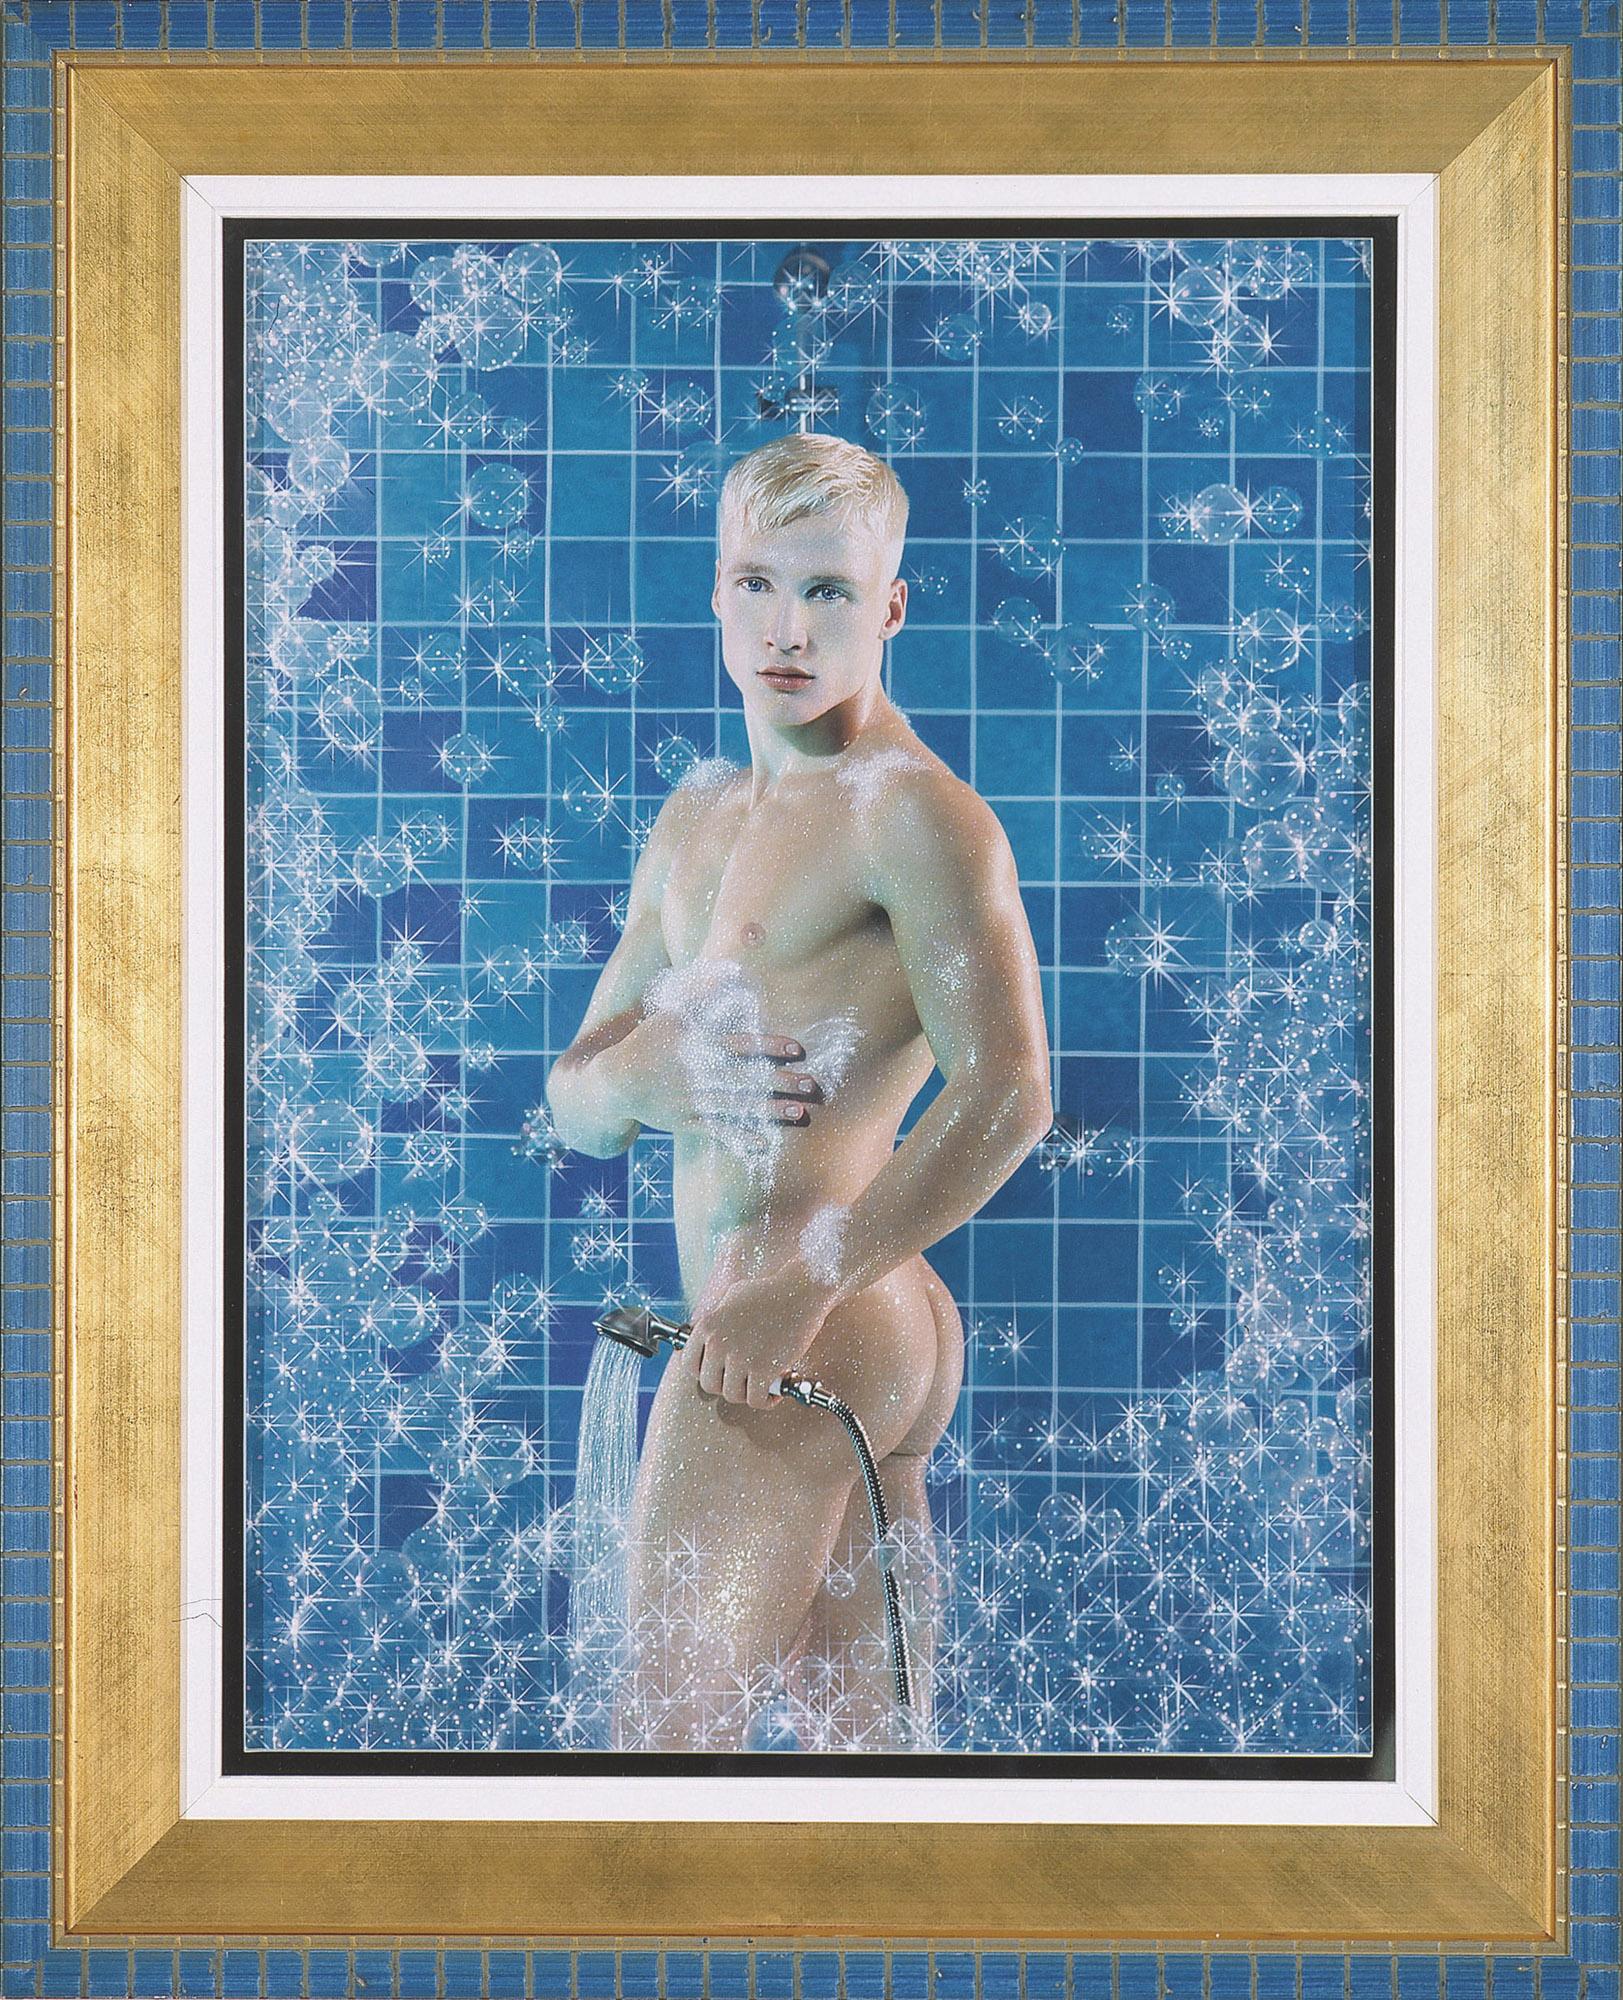 Bubbles shower _ Frédéric Lenfant